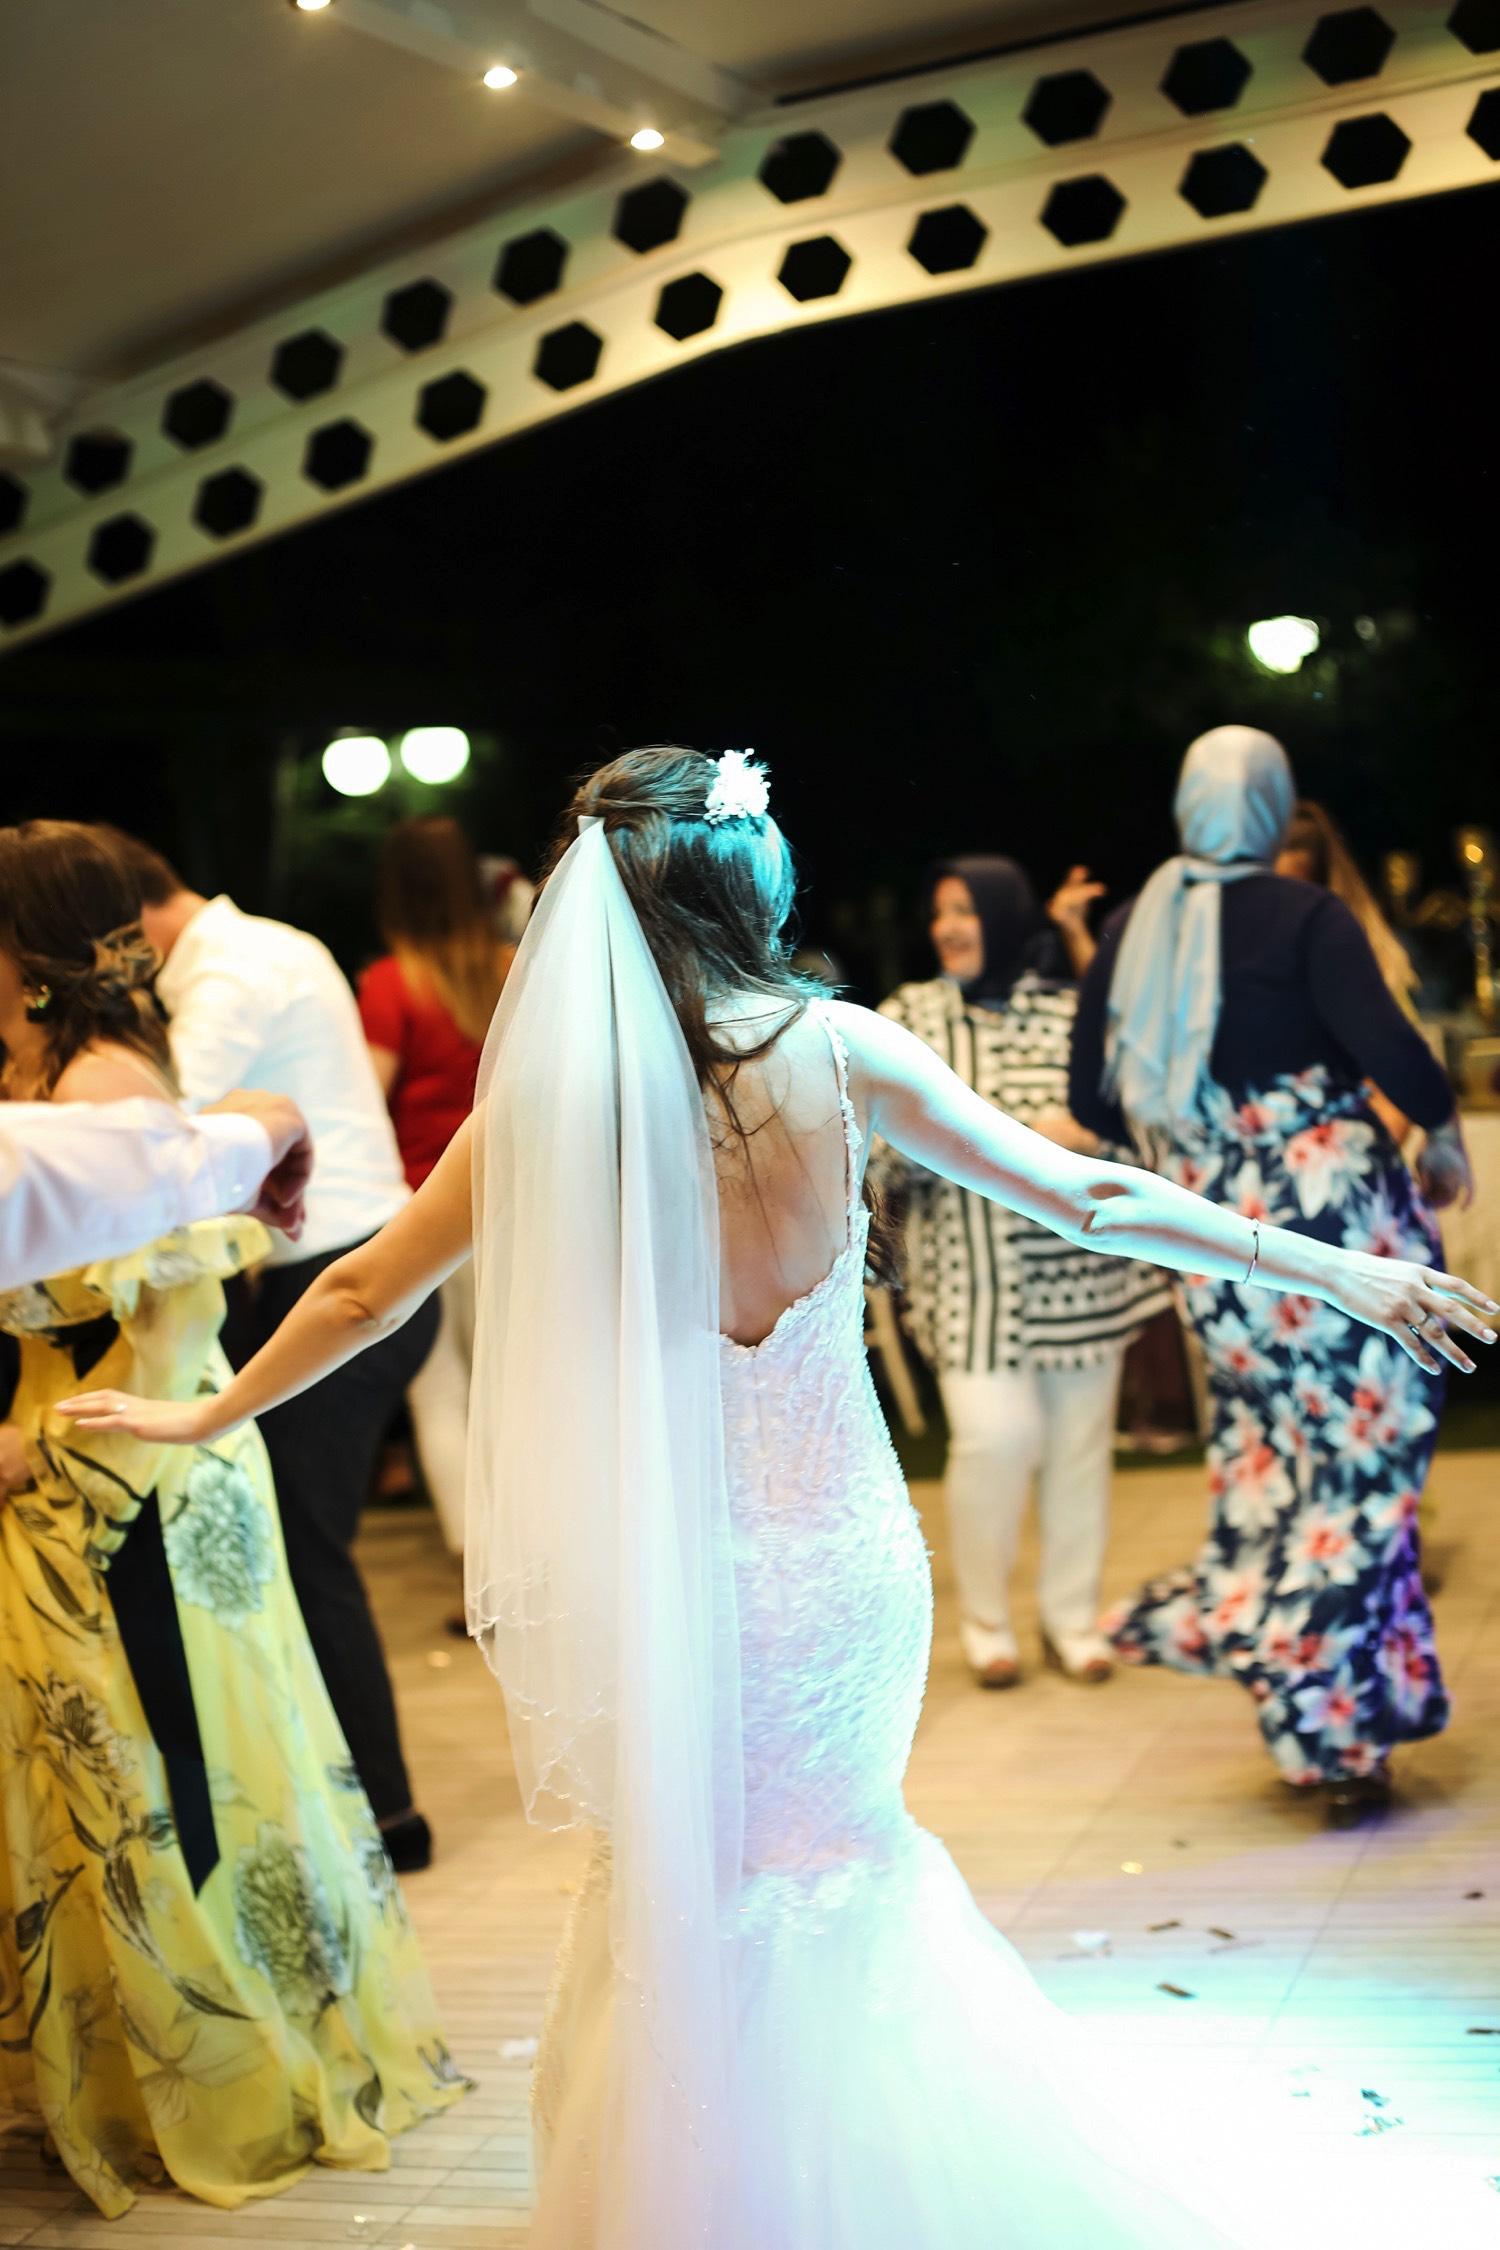 0000000054_8G0A1476-2 copy_photographer_fotoğrafçı_istanbul_düğün_fotoğrafçısı_dış_bursa_çekim_wedding